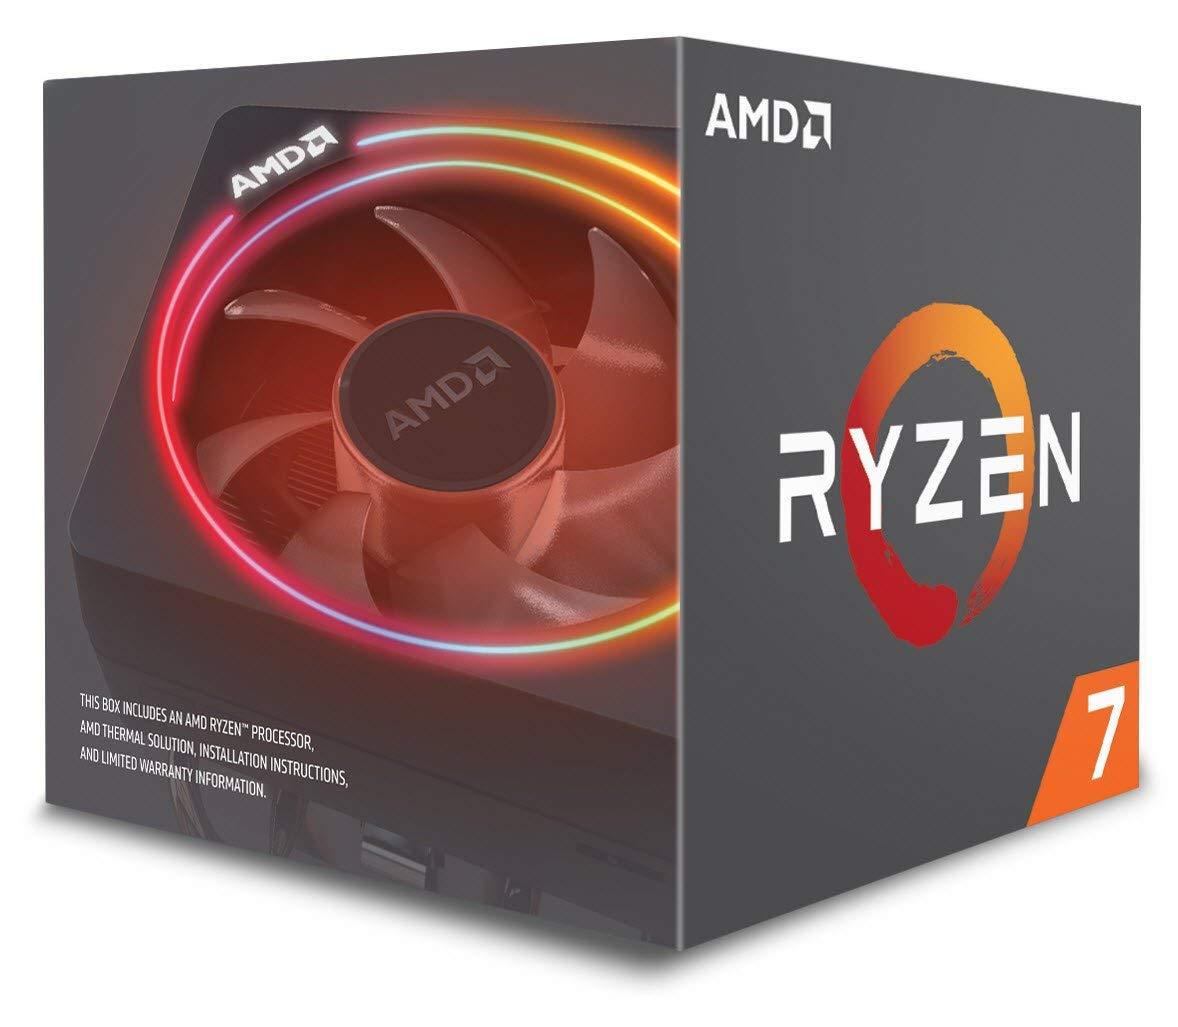 AMD Ryzen 7 2700X - Procesador con disipador de calor Wraith Prism (20 MB, 8 núcleos, velocidad de 4.35 GhZ, 105 W)